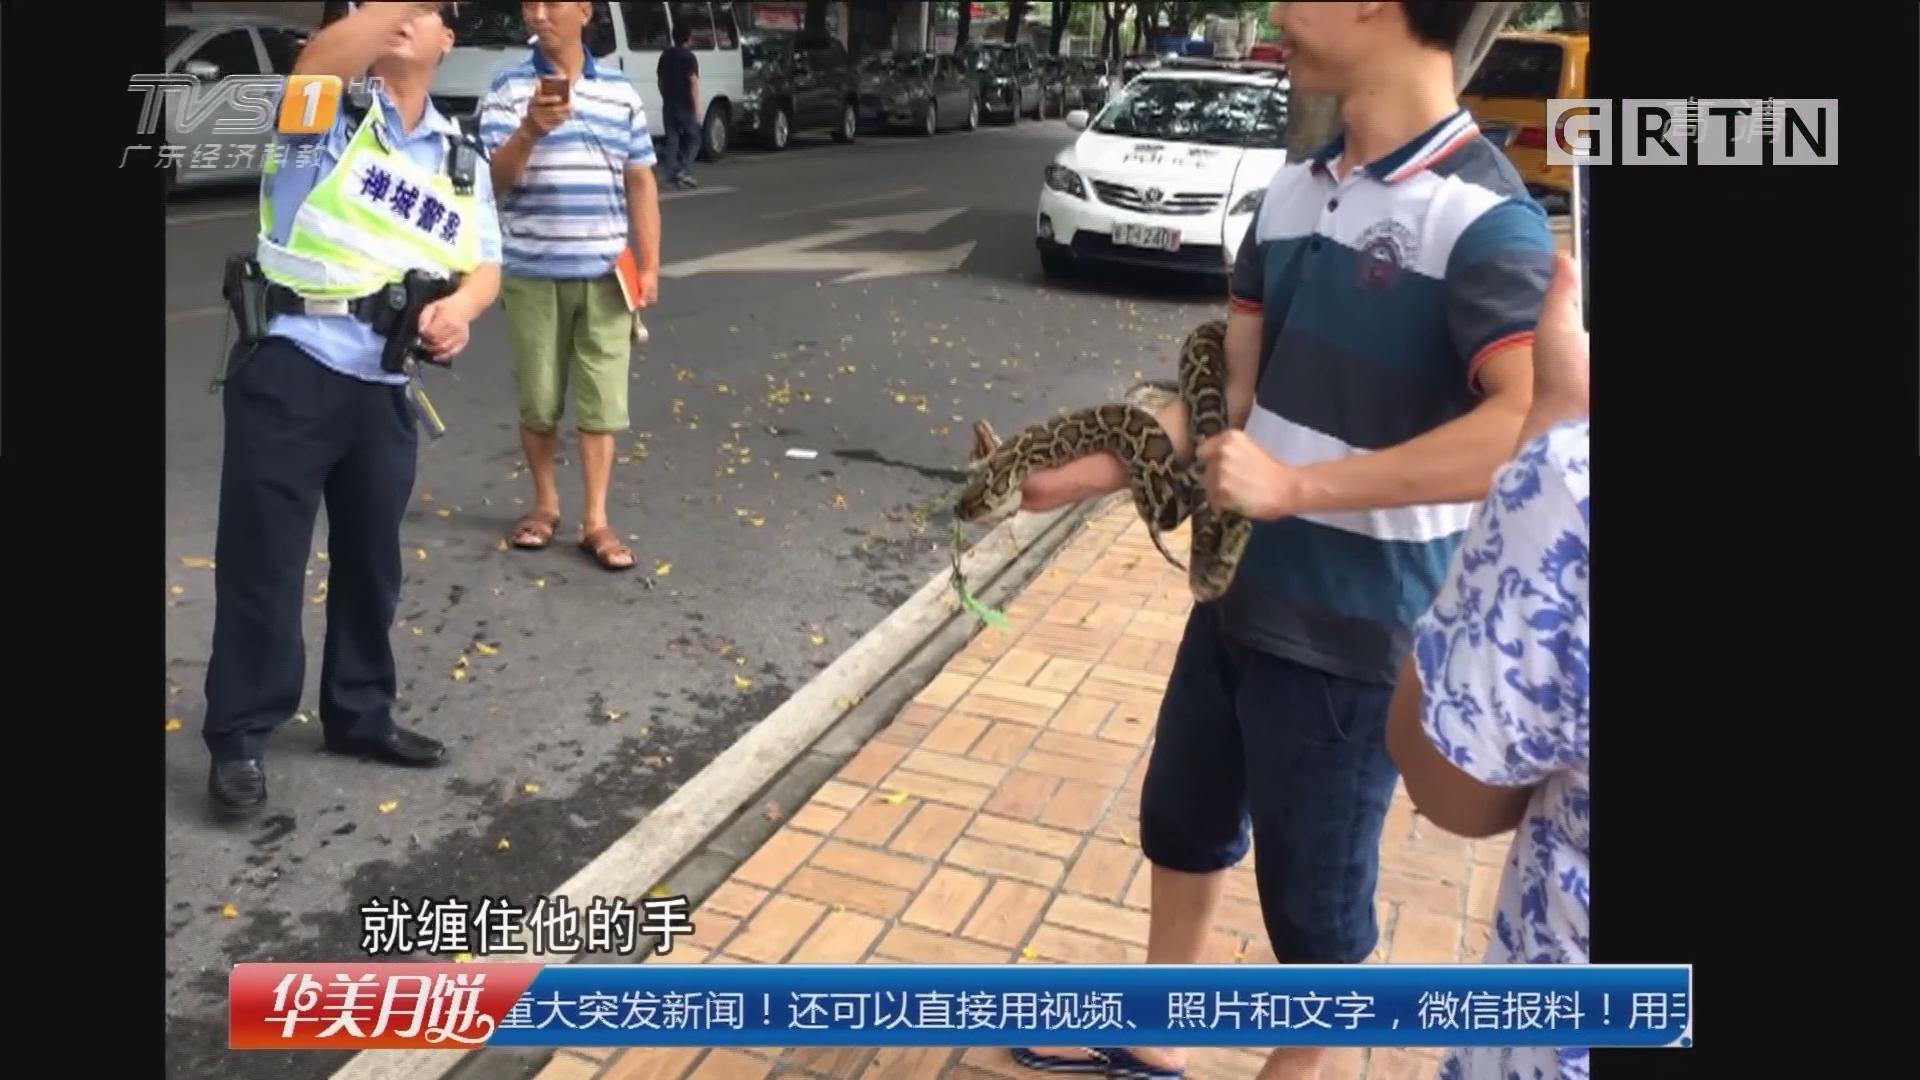 佛山禅城:大蛇公园晒太阳 男子徒手擒